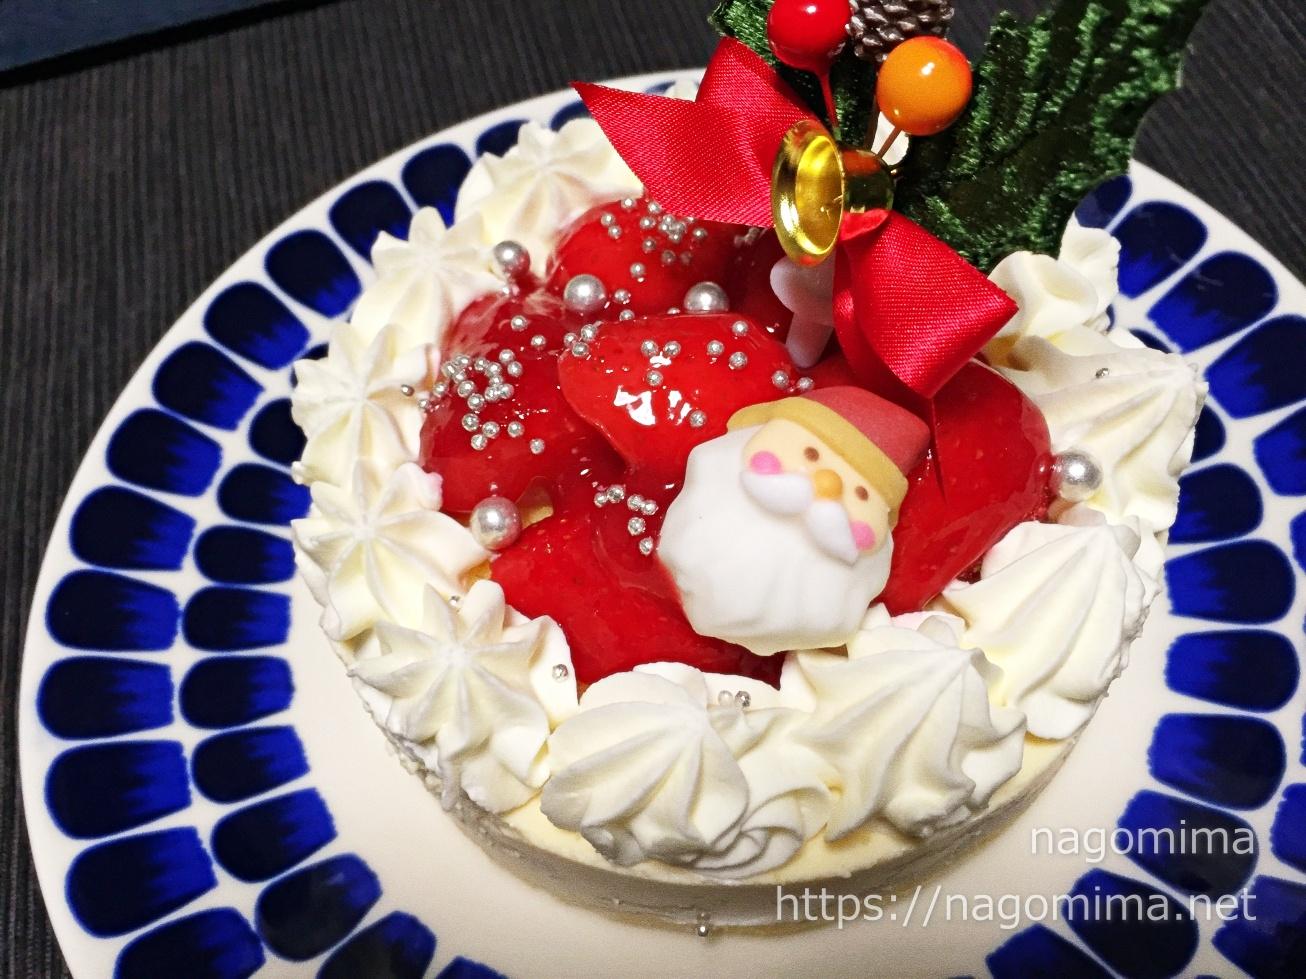 LeTAO(ルタオ)のクリスマスケーキ「ペールノエル」